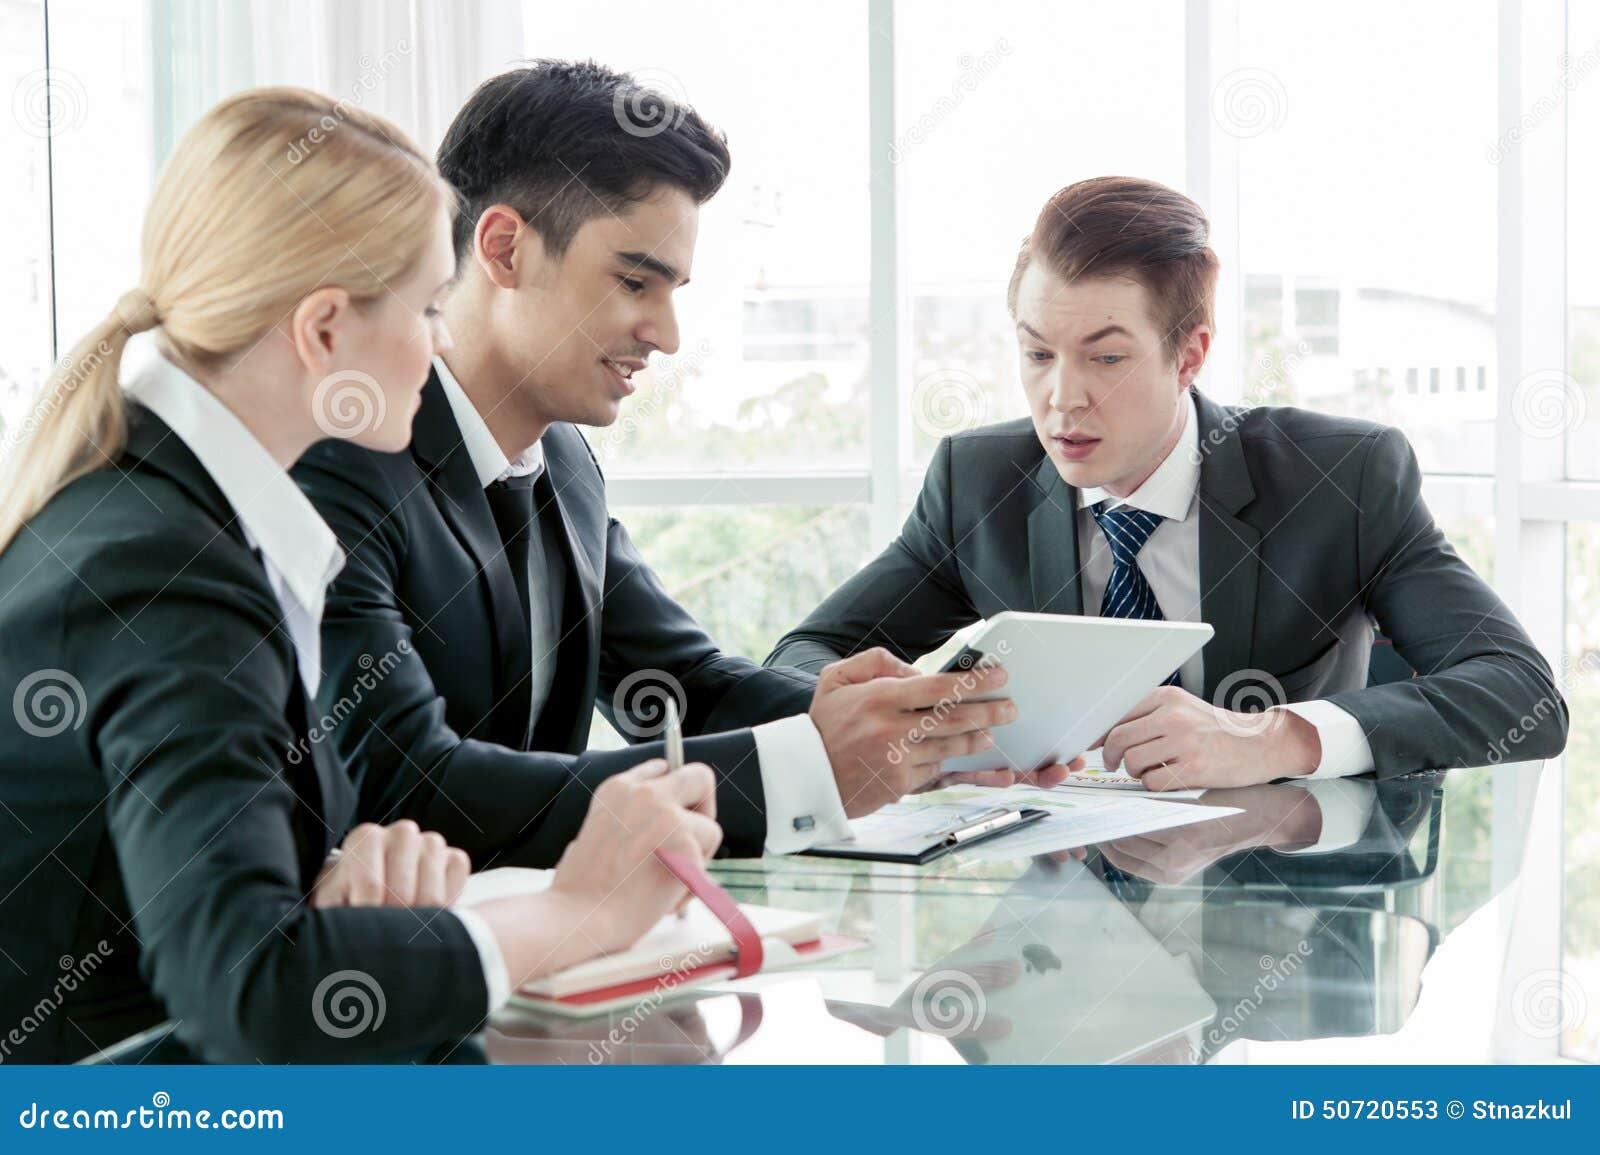 Associés discutant des documents et des idées lors de la réunion